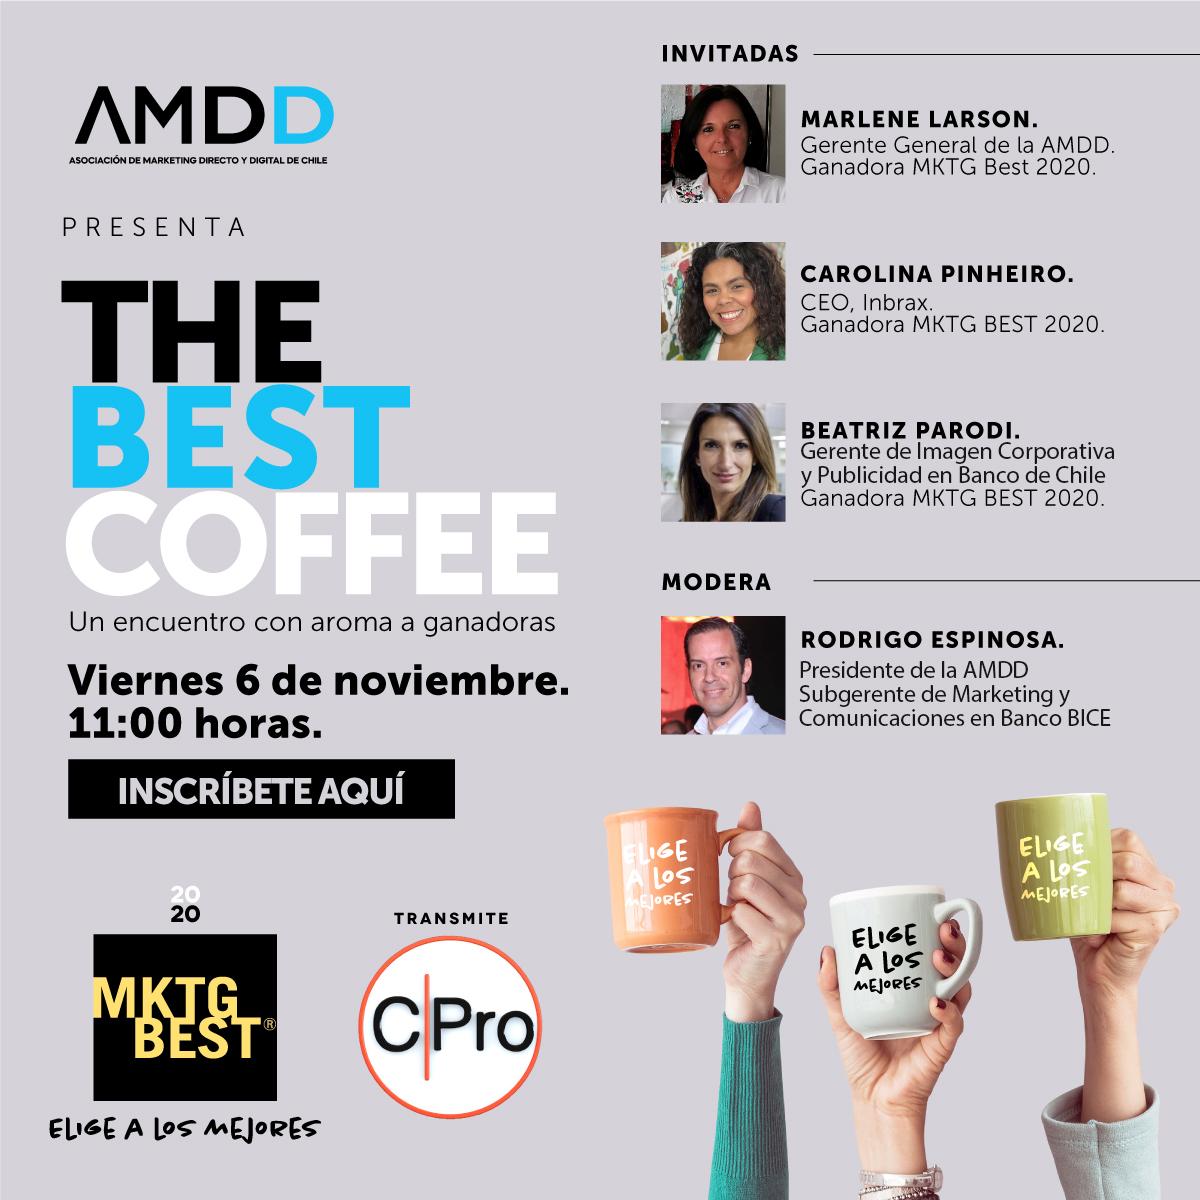 Coffee MKTG Best 2020